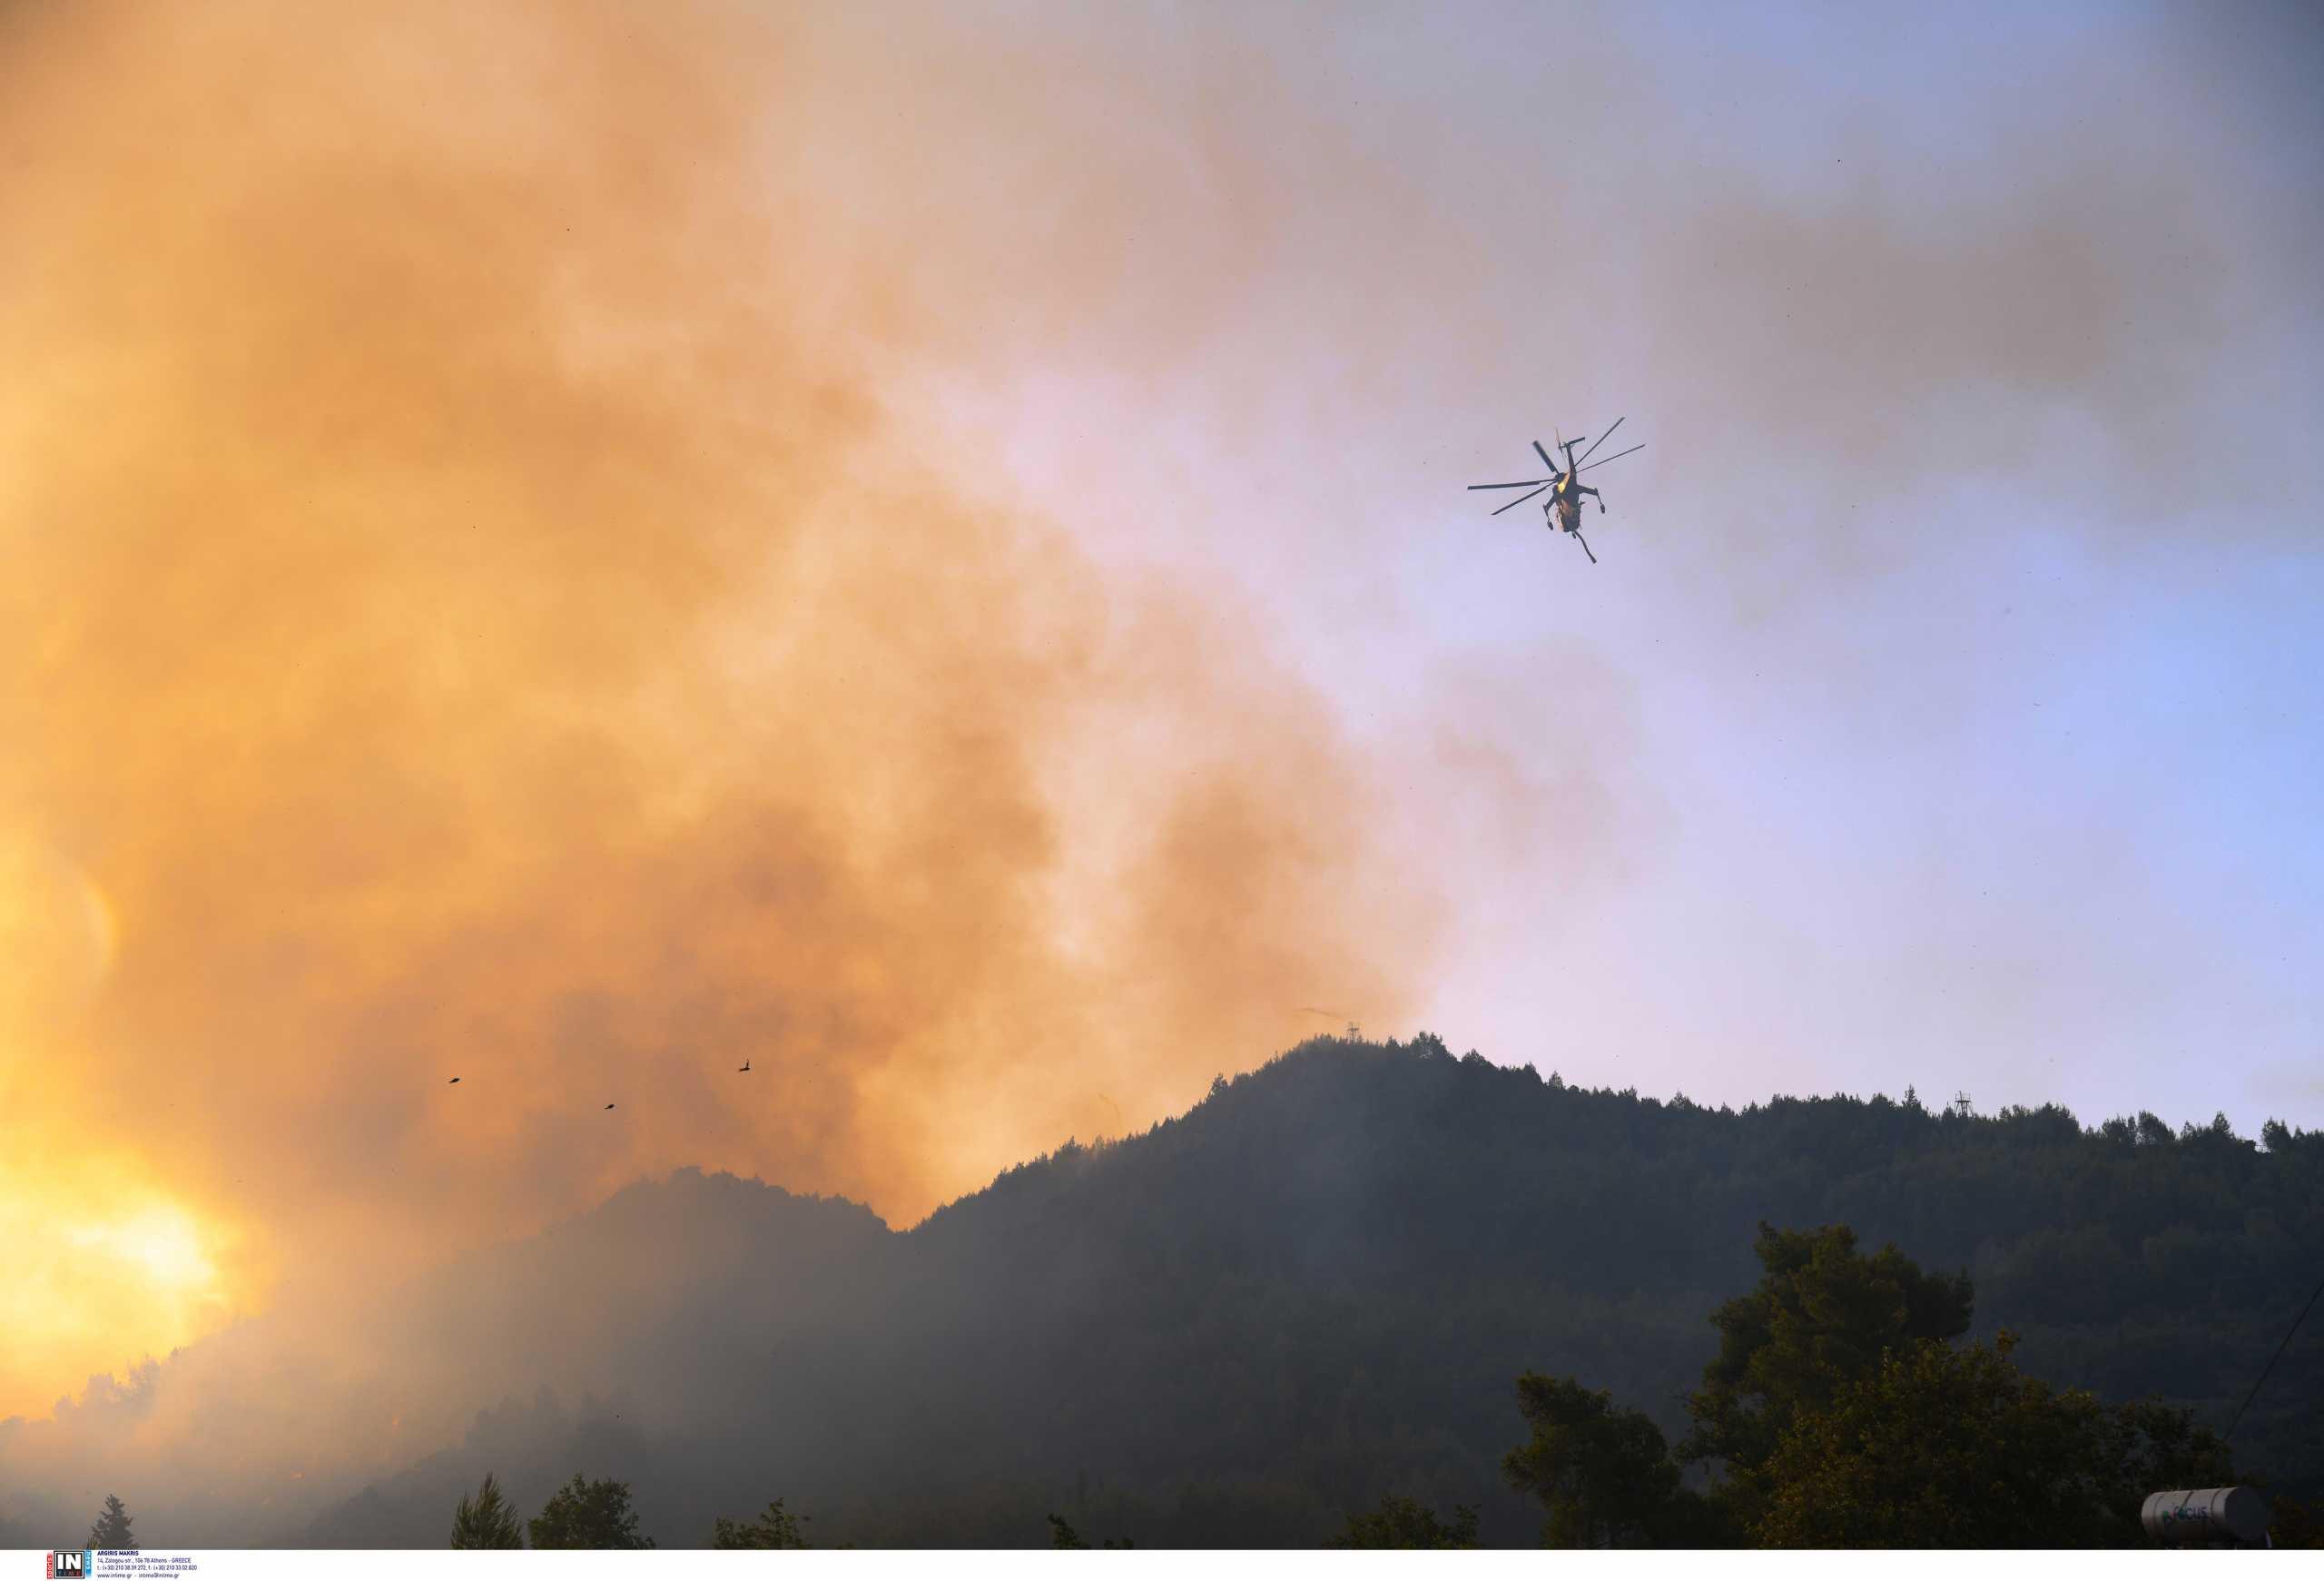 Φωτιά: «Έτσι σώθηκαν οι εγκαταστάσεις της ΔΟΑ» εξηγεί ο Ισίδωρος Κούβελος